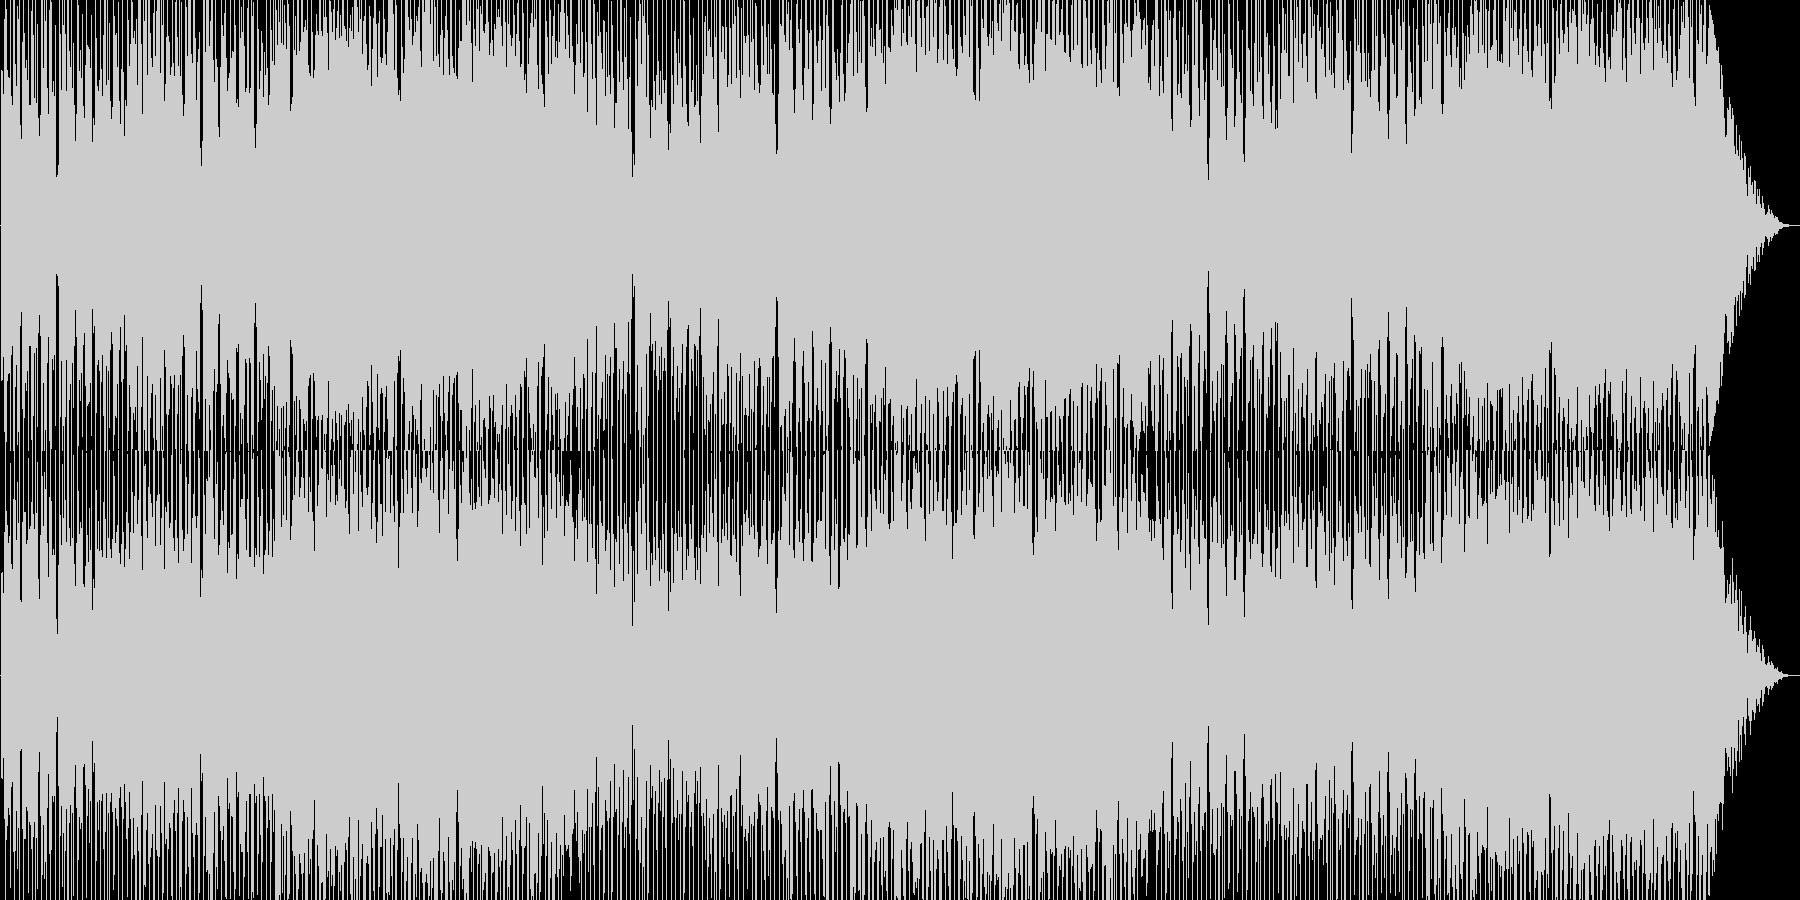 やや哀愁を含む明るいポップな曲の未再生の波形